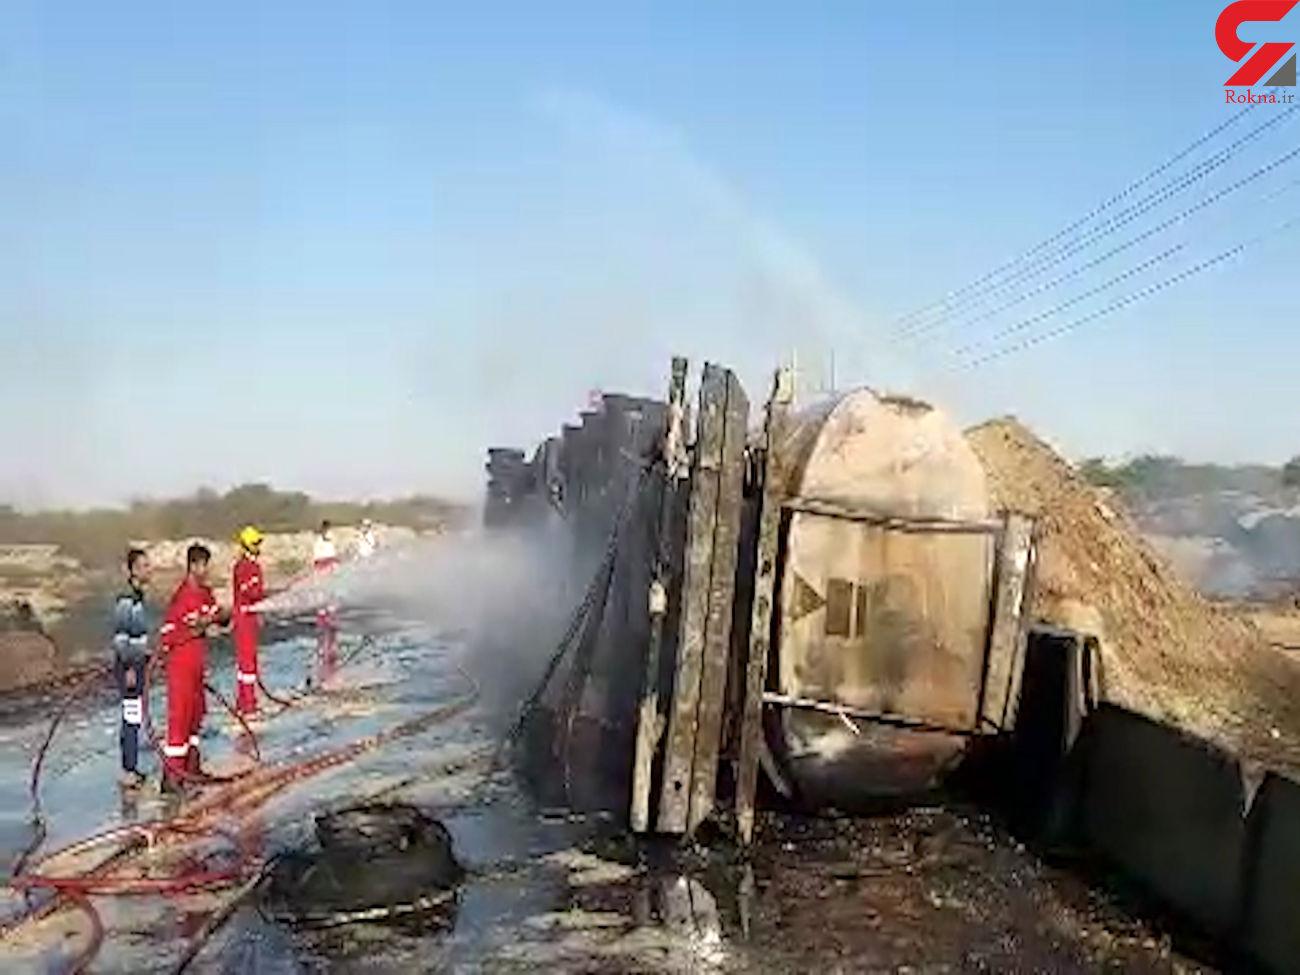 زنده زنده سوختن 3 مرد در آتش سوزی تانکر سوخت / در بندرعباس رخ داد + فیلم